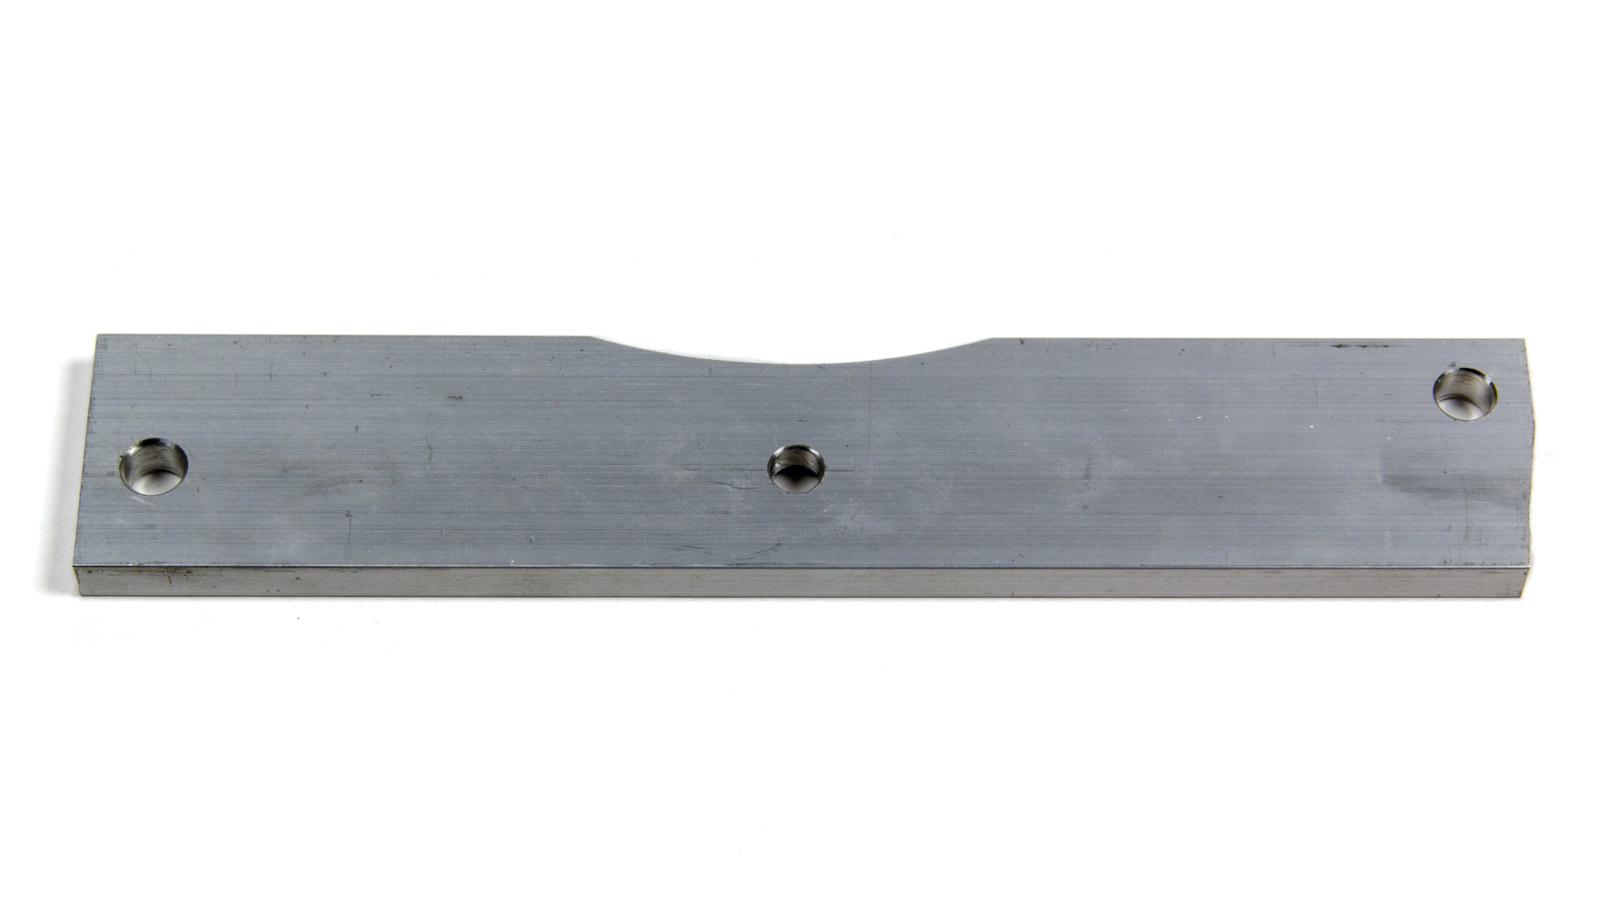 Idler Shaft Plate